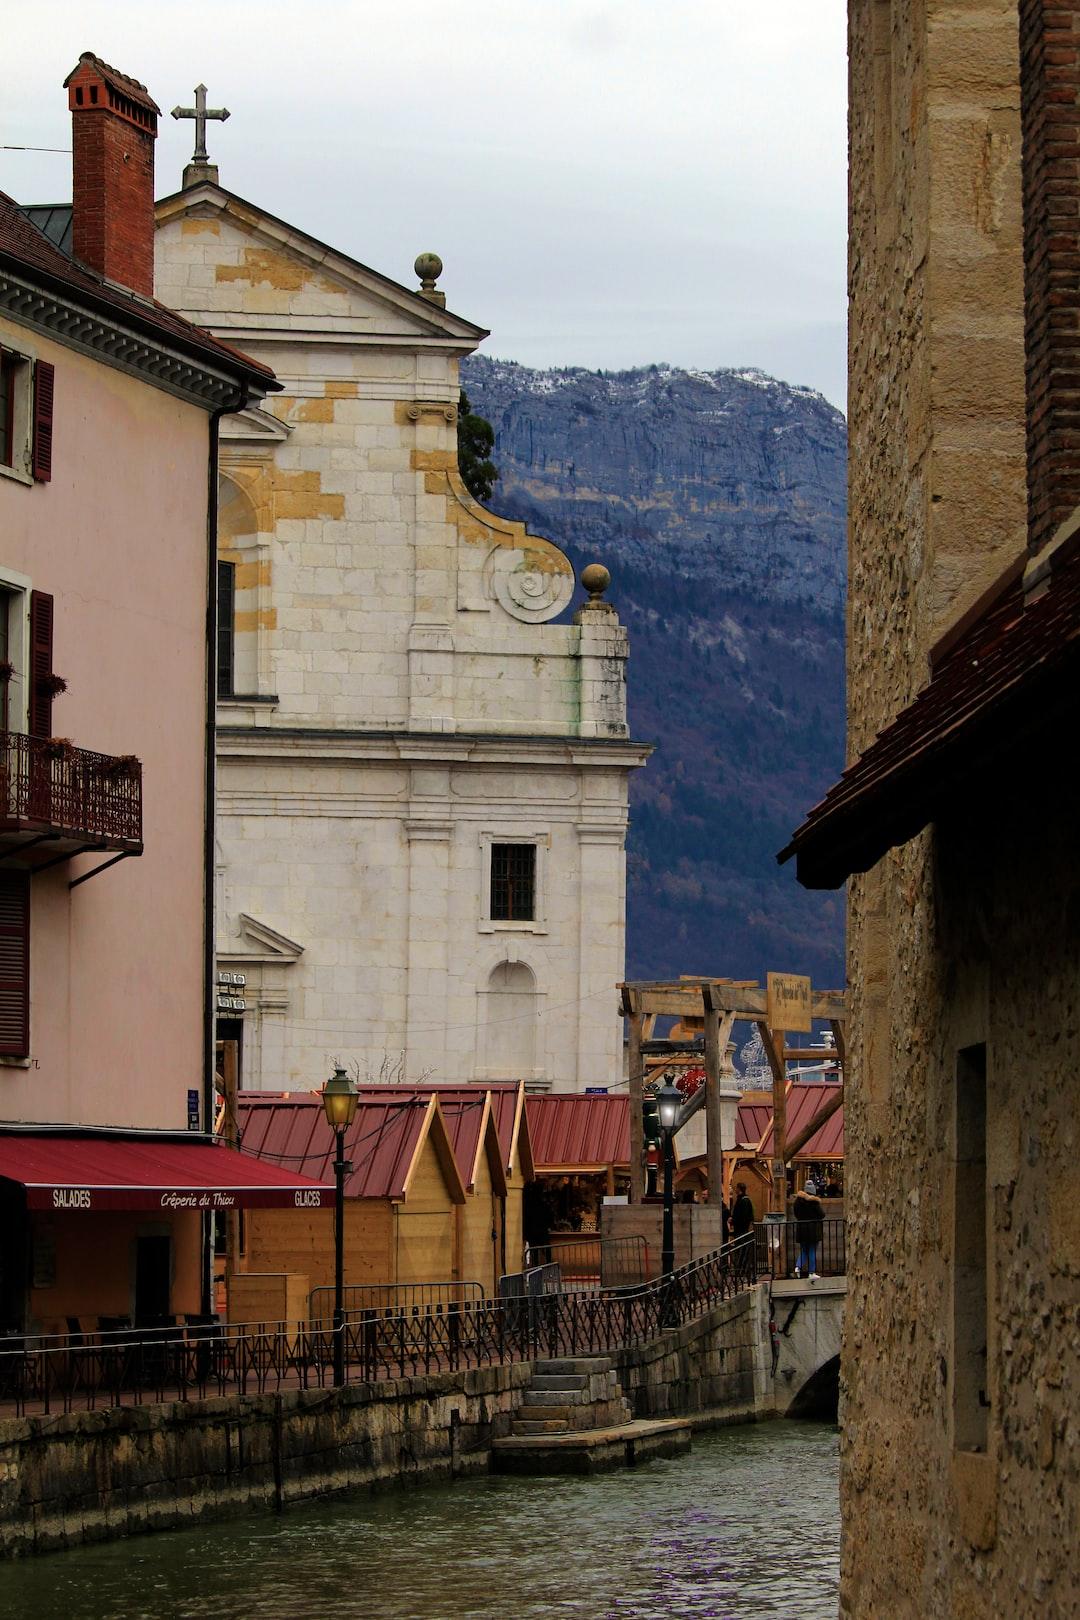 Annecy, river, rivière, montagne, mountain, old city, vieille ville annecy, noël, christmas,  chalet, croix, église, church, cottage